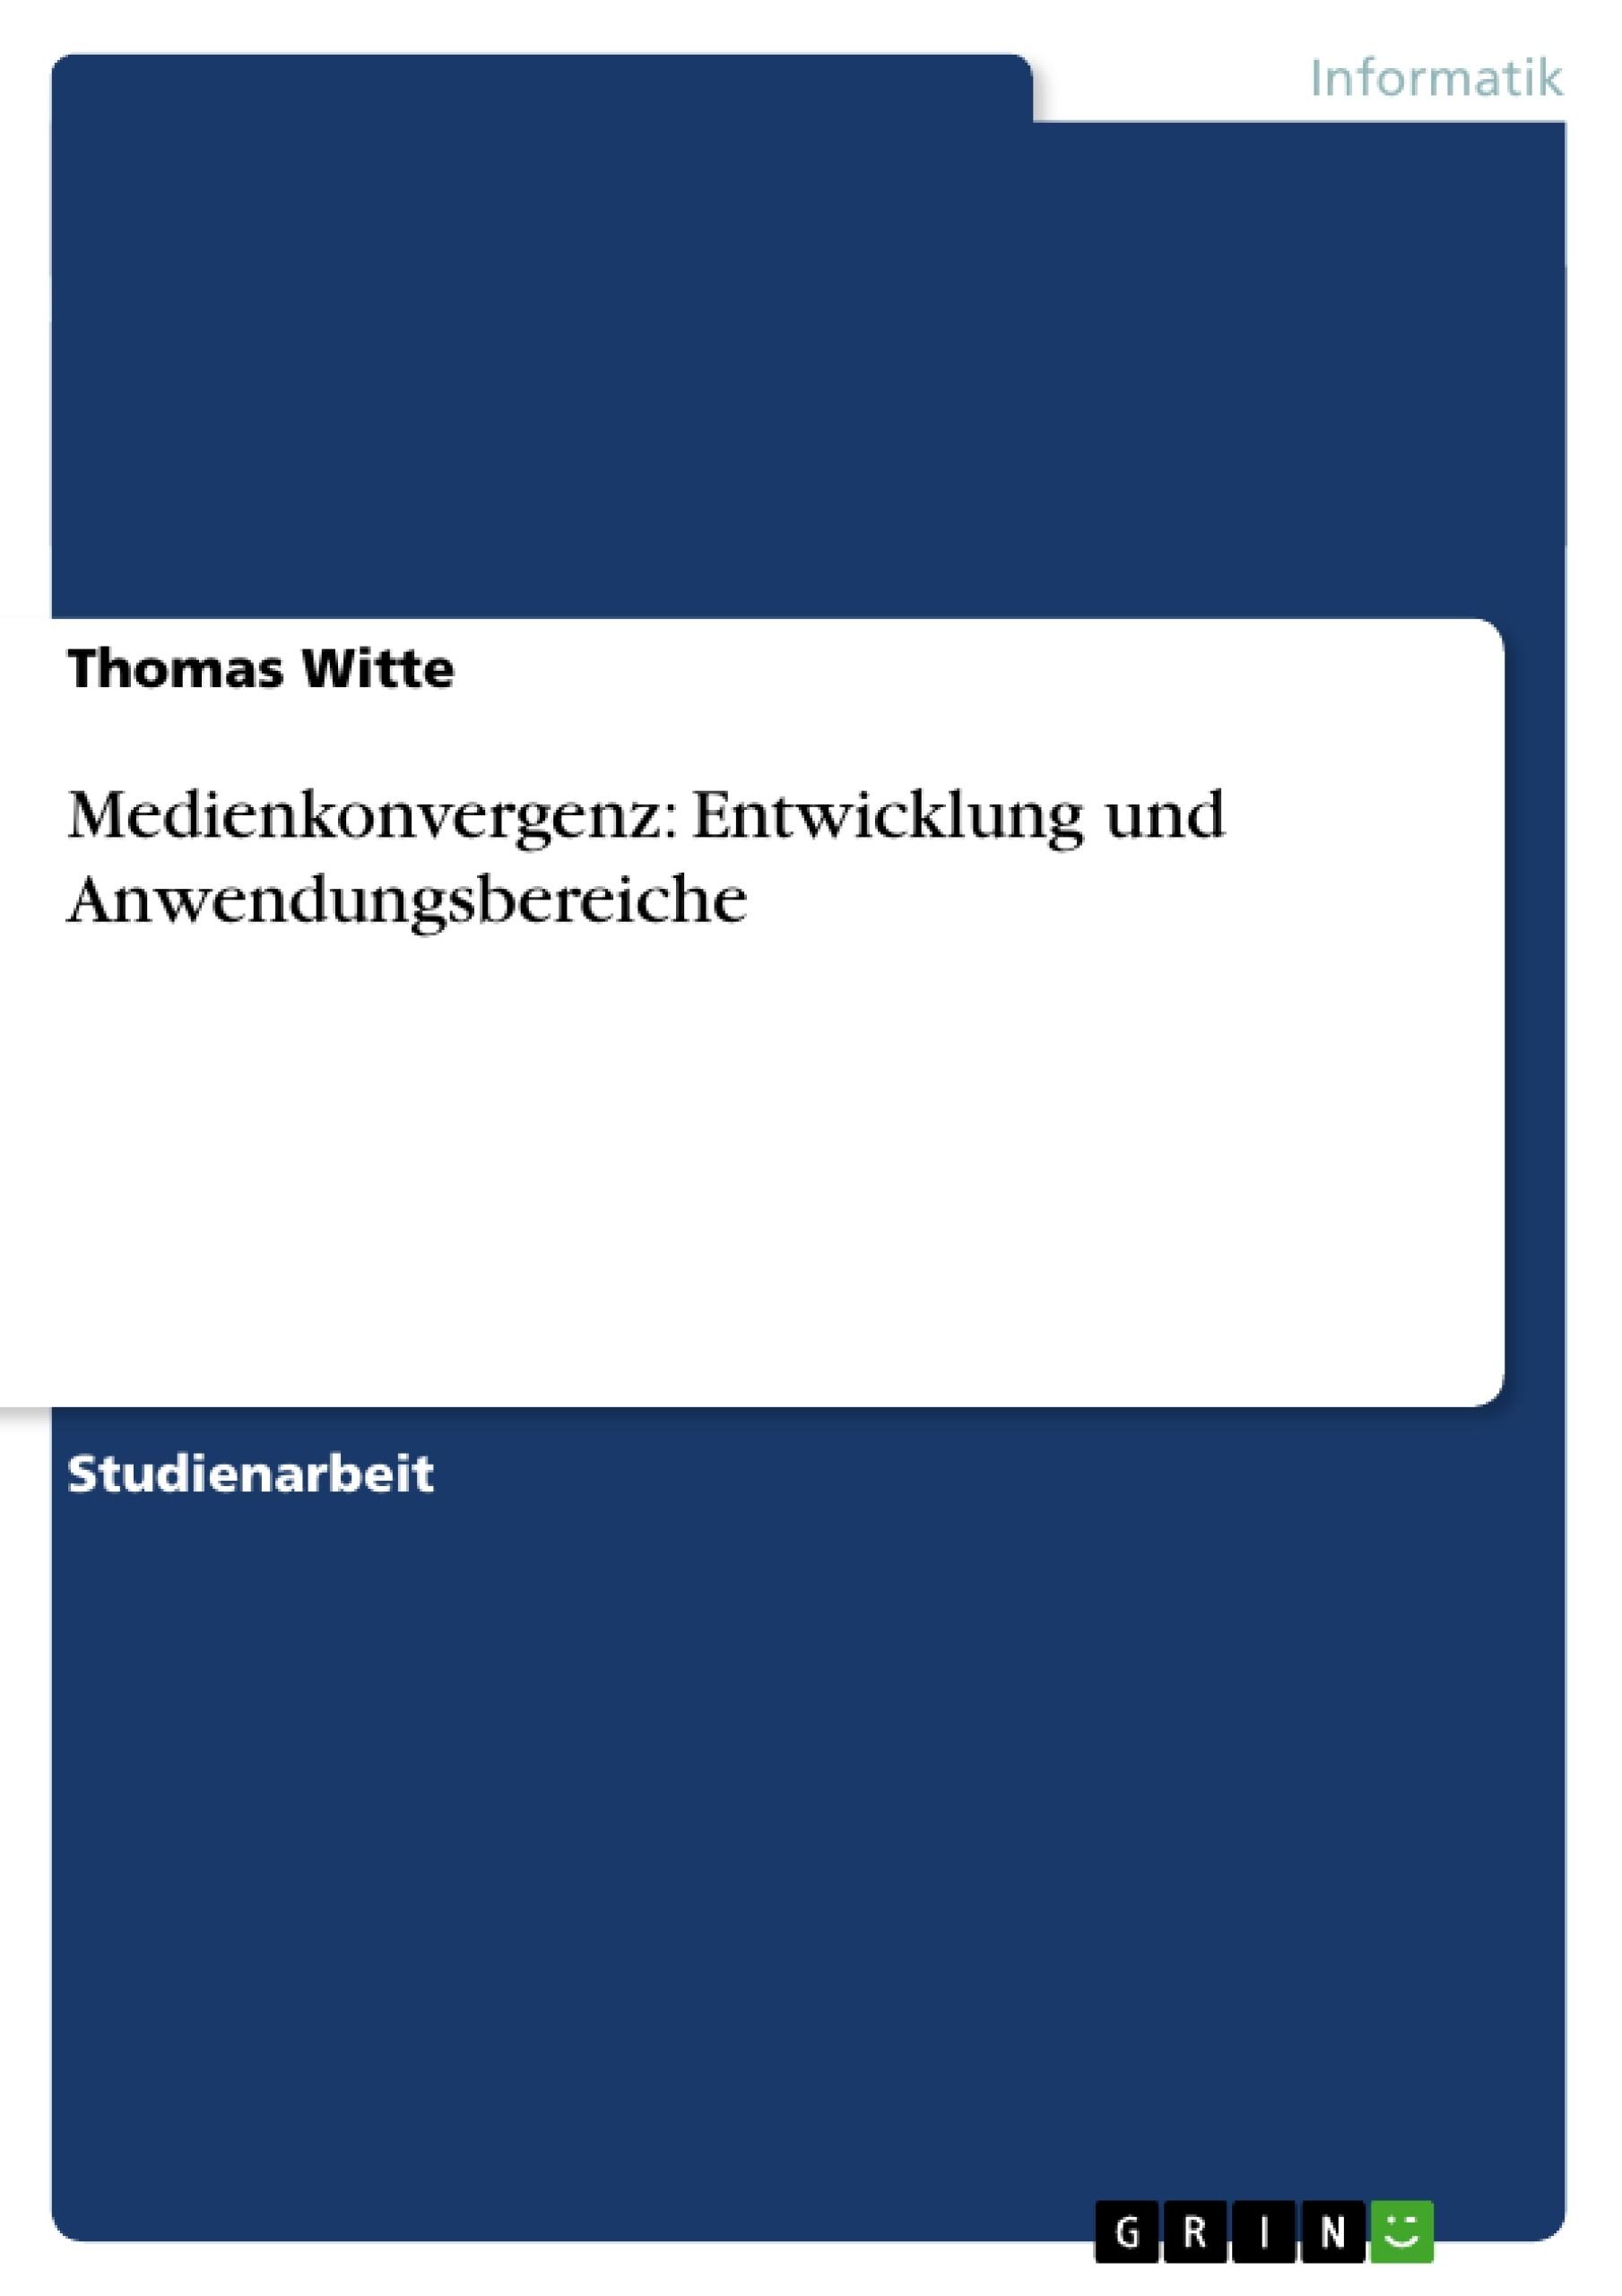 Titel: Medienkonvergenz: Entwicklung und Anwendungsbereiche